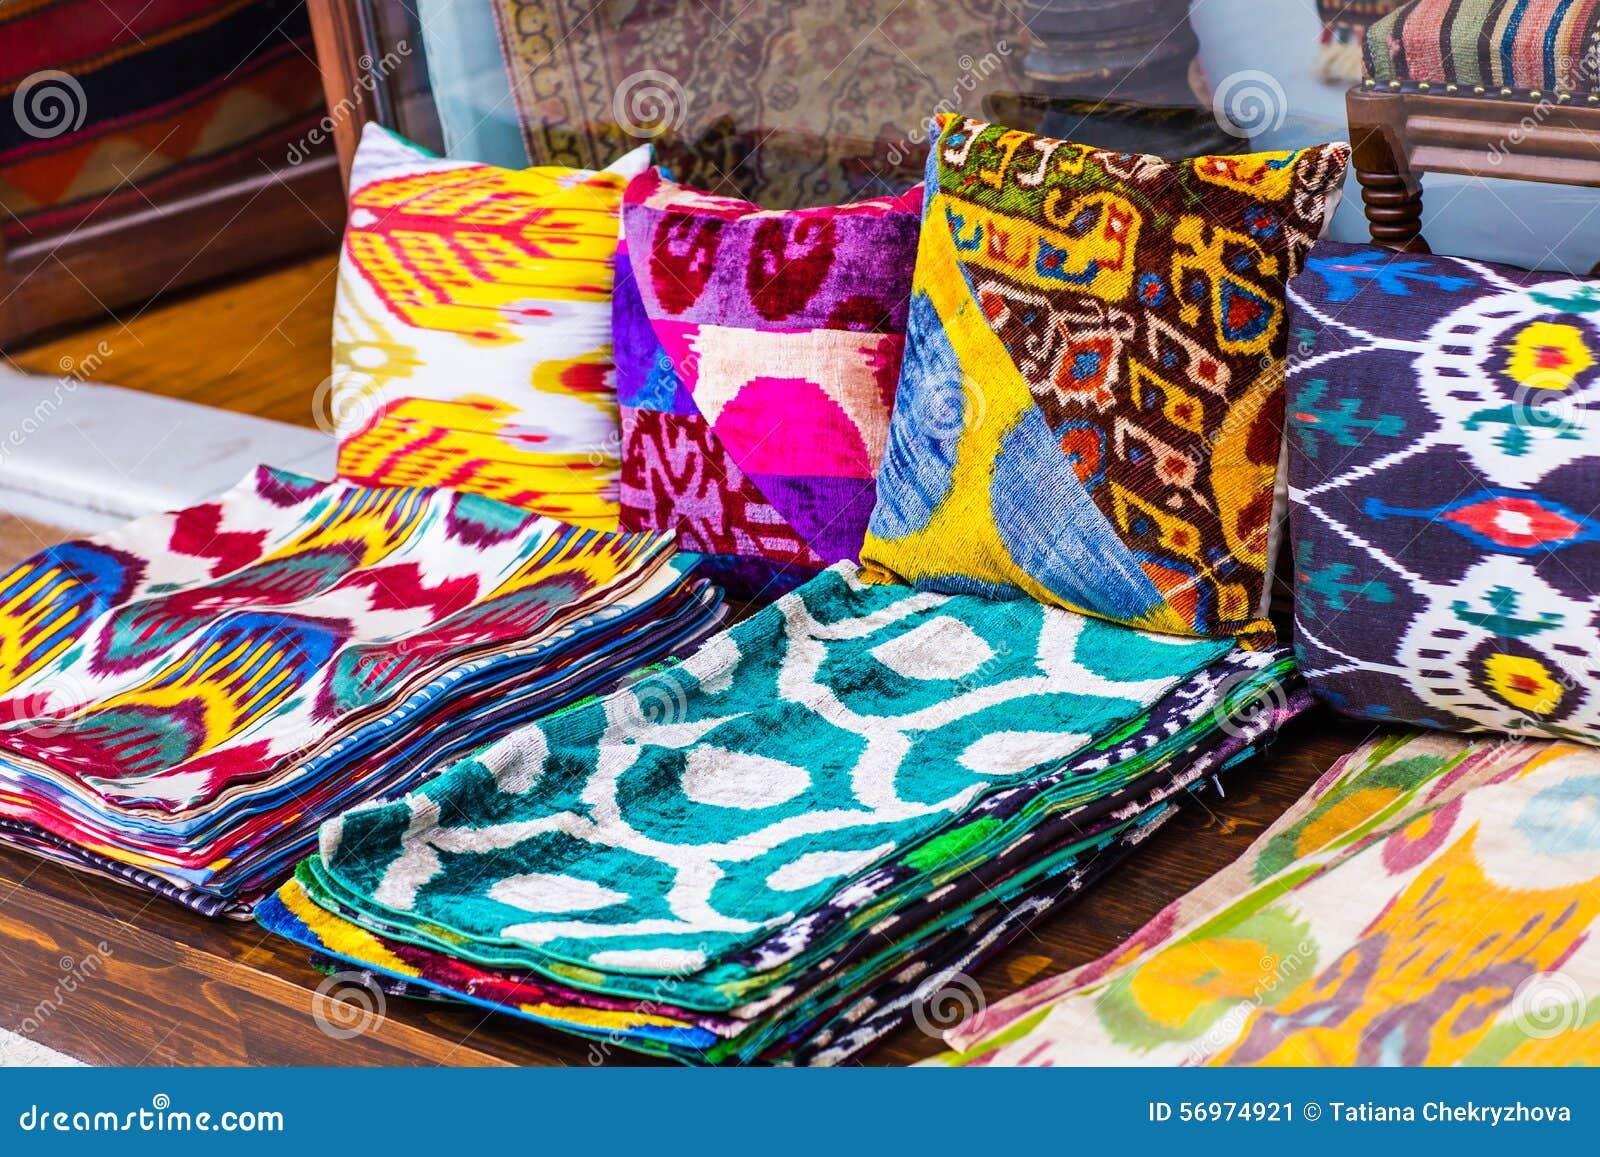 orientalische kissen stockbild bild von istanbul indien 56974921. Black Bedroom Furniture Sets. Home Design Ideas